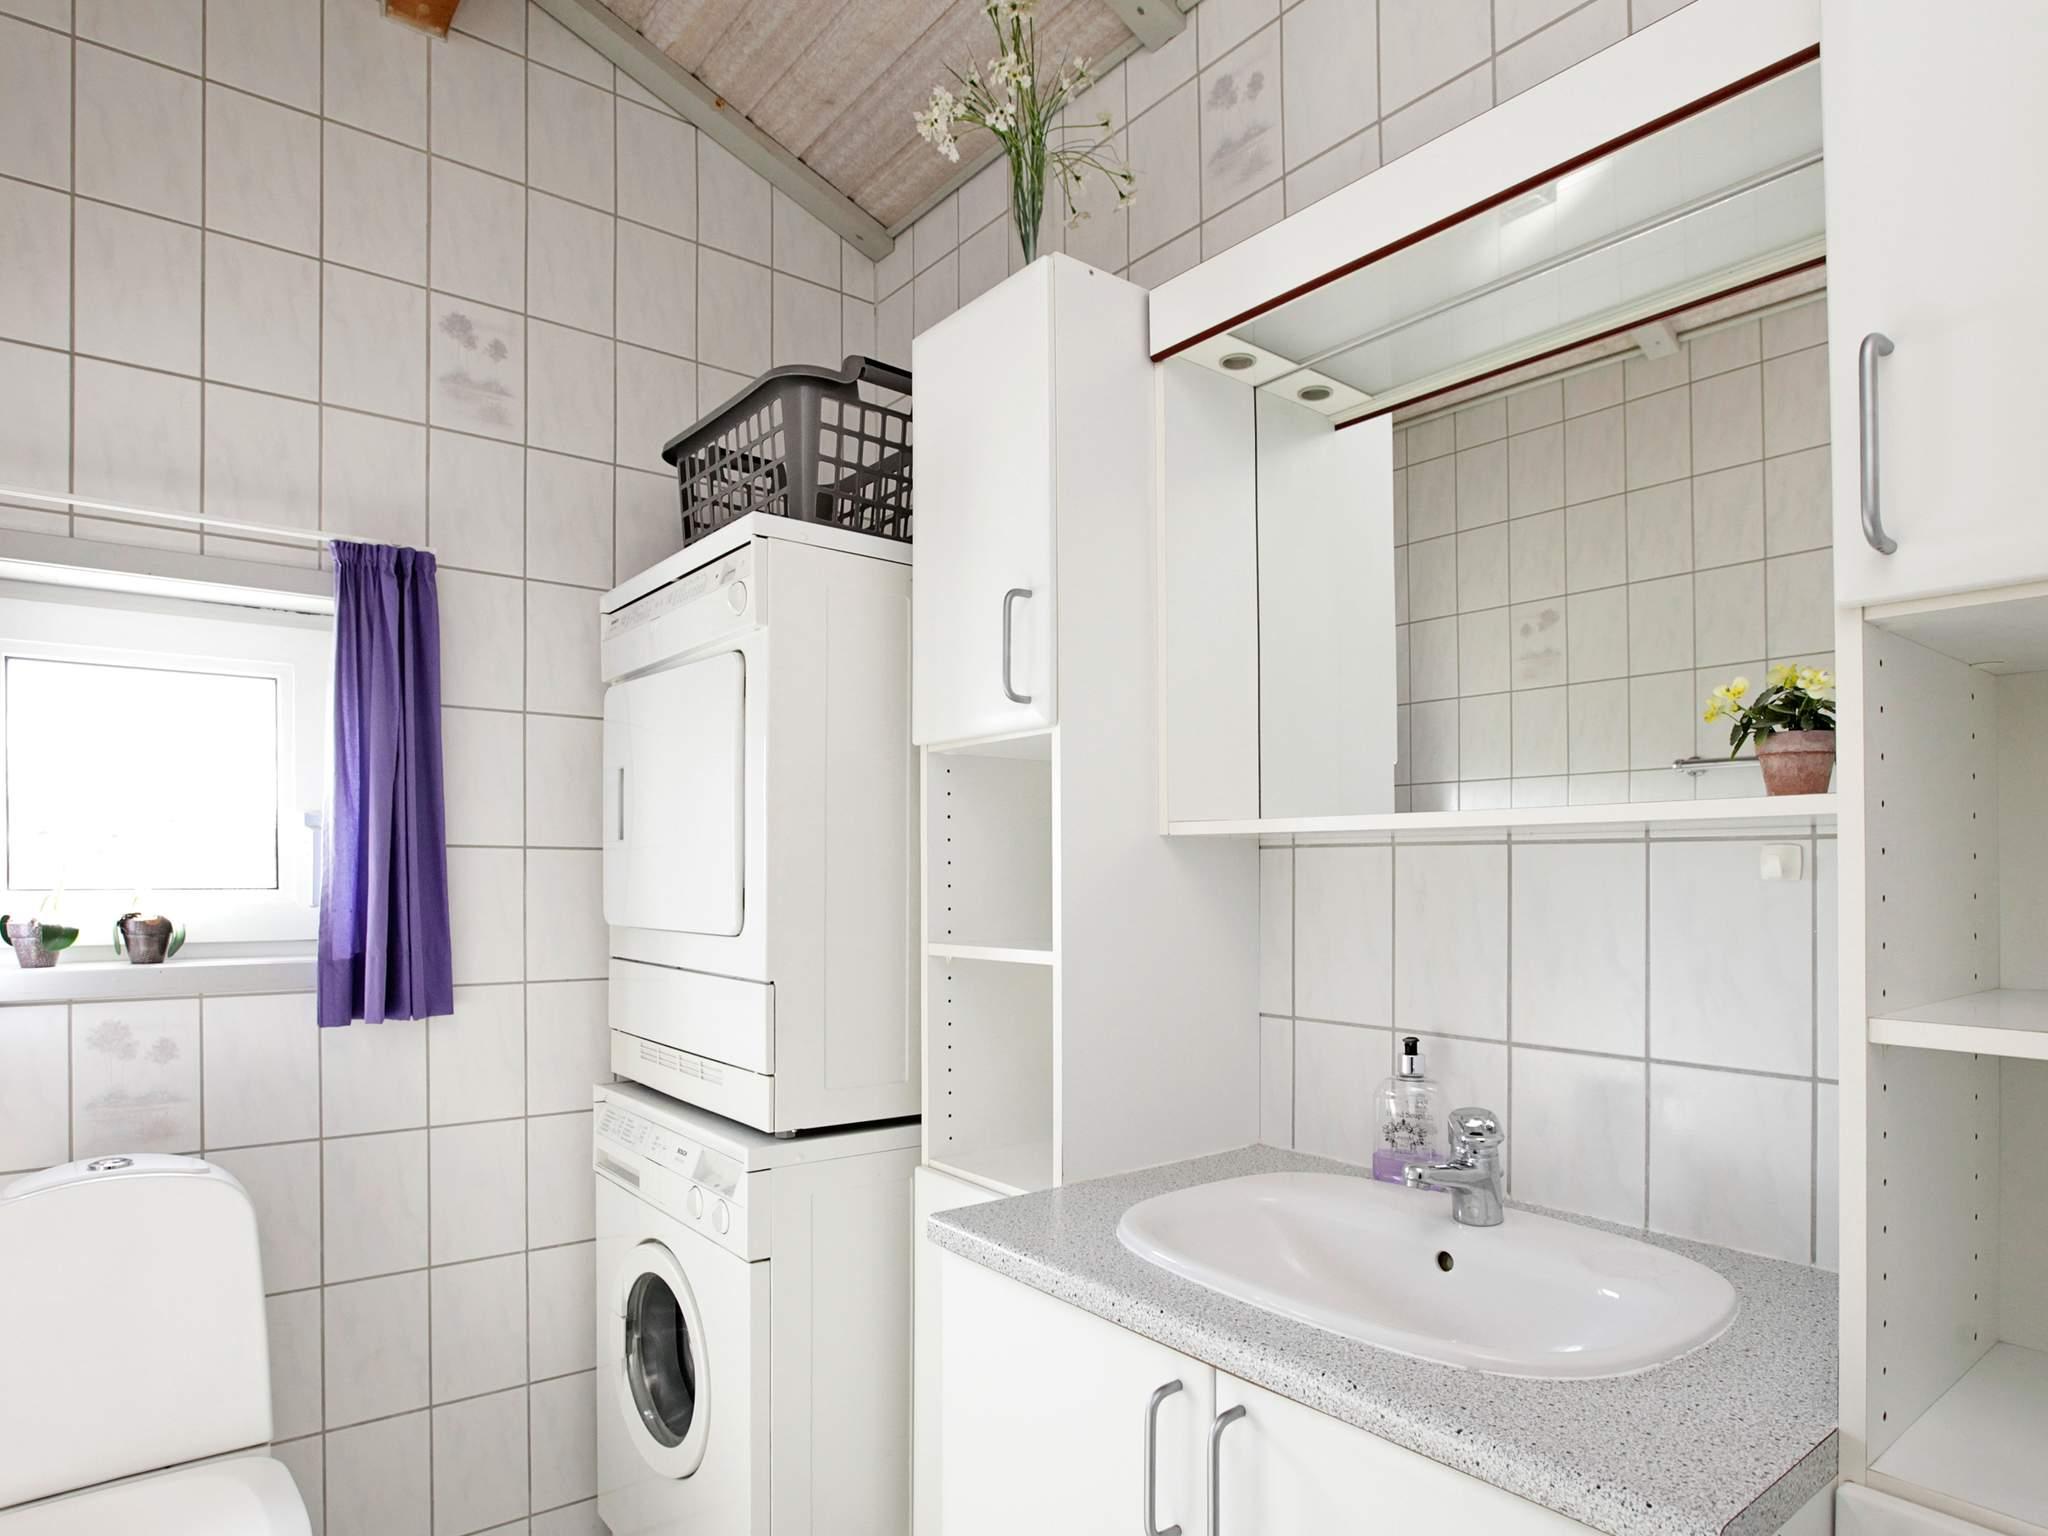 Ferienhaus Bjerregård (93525), Bjerregård, , Westjütland, Dänemark, Bild 13